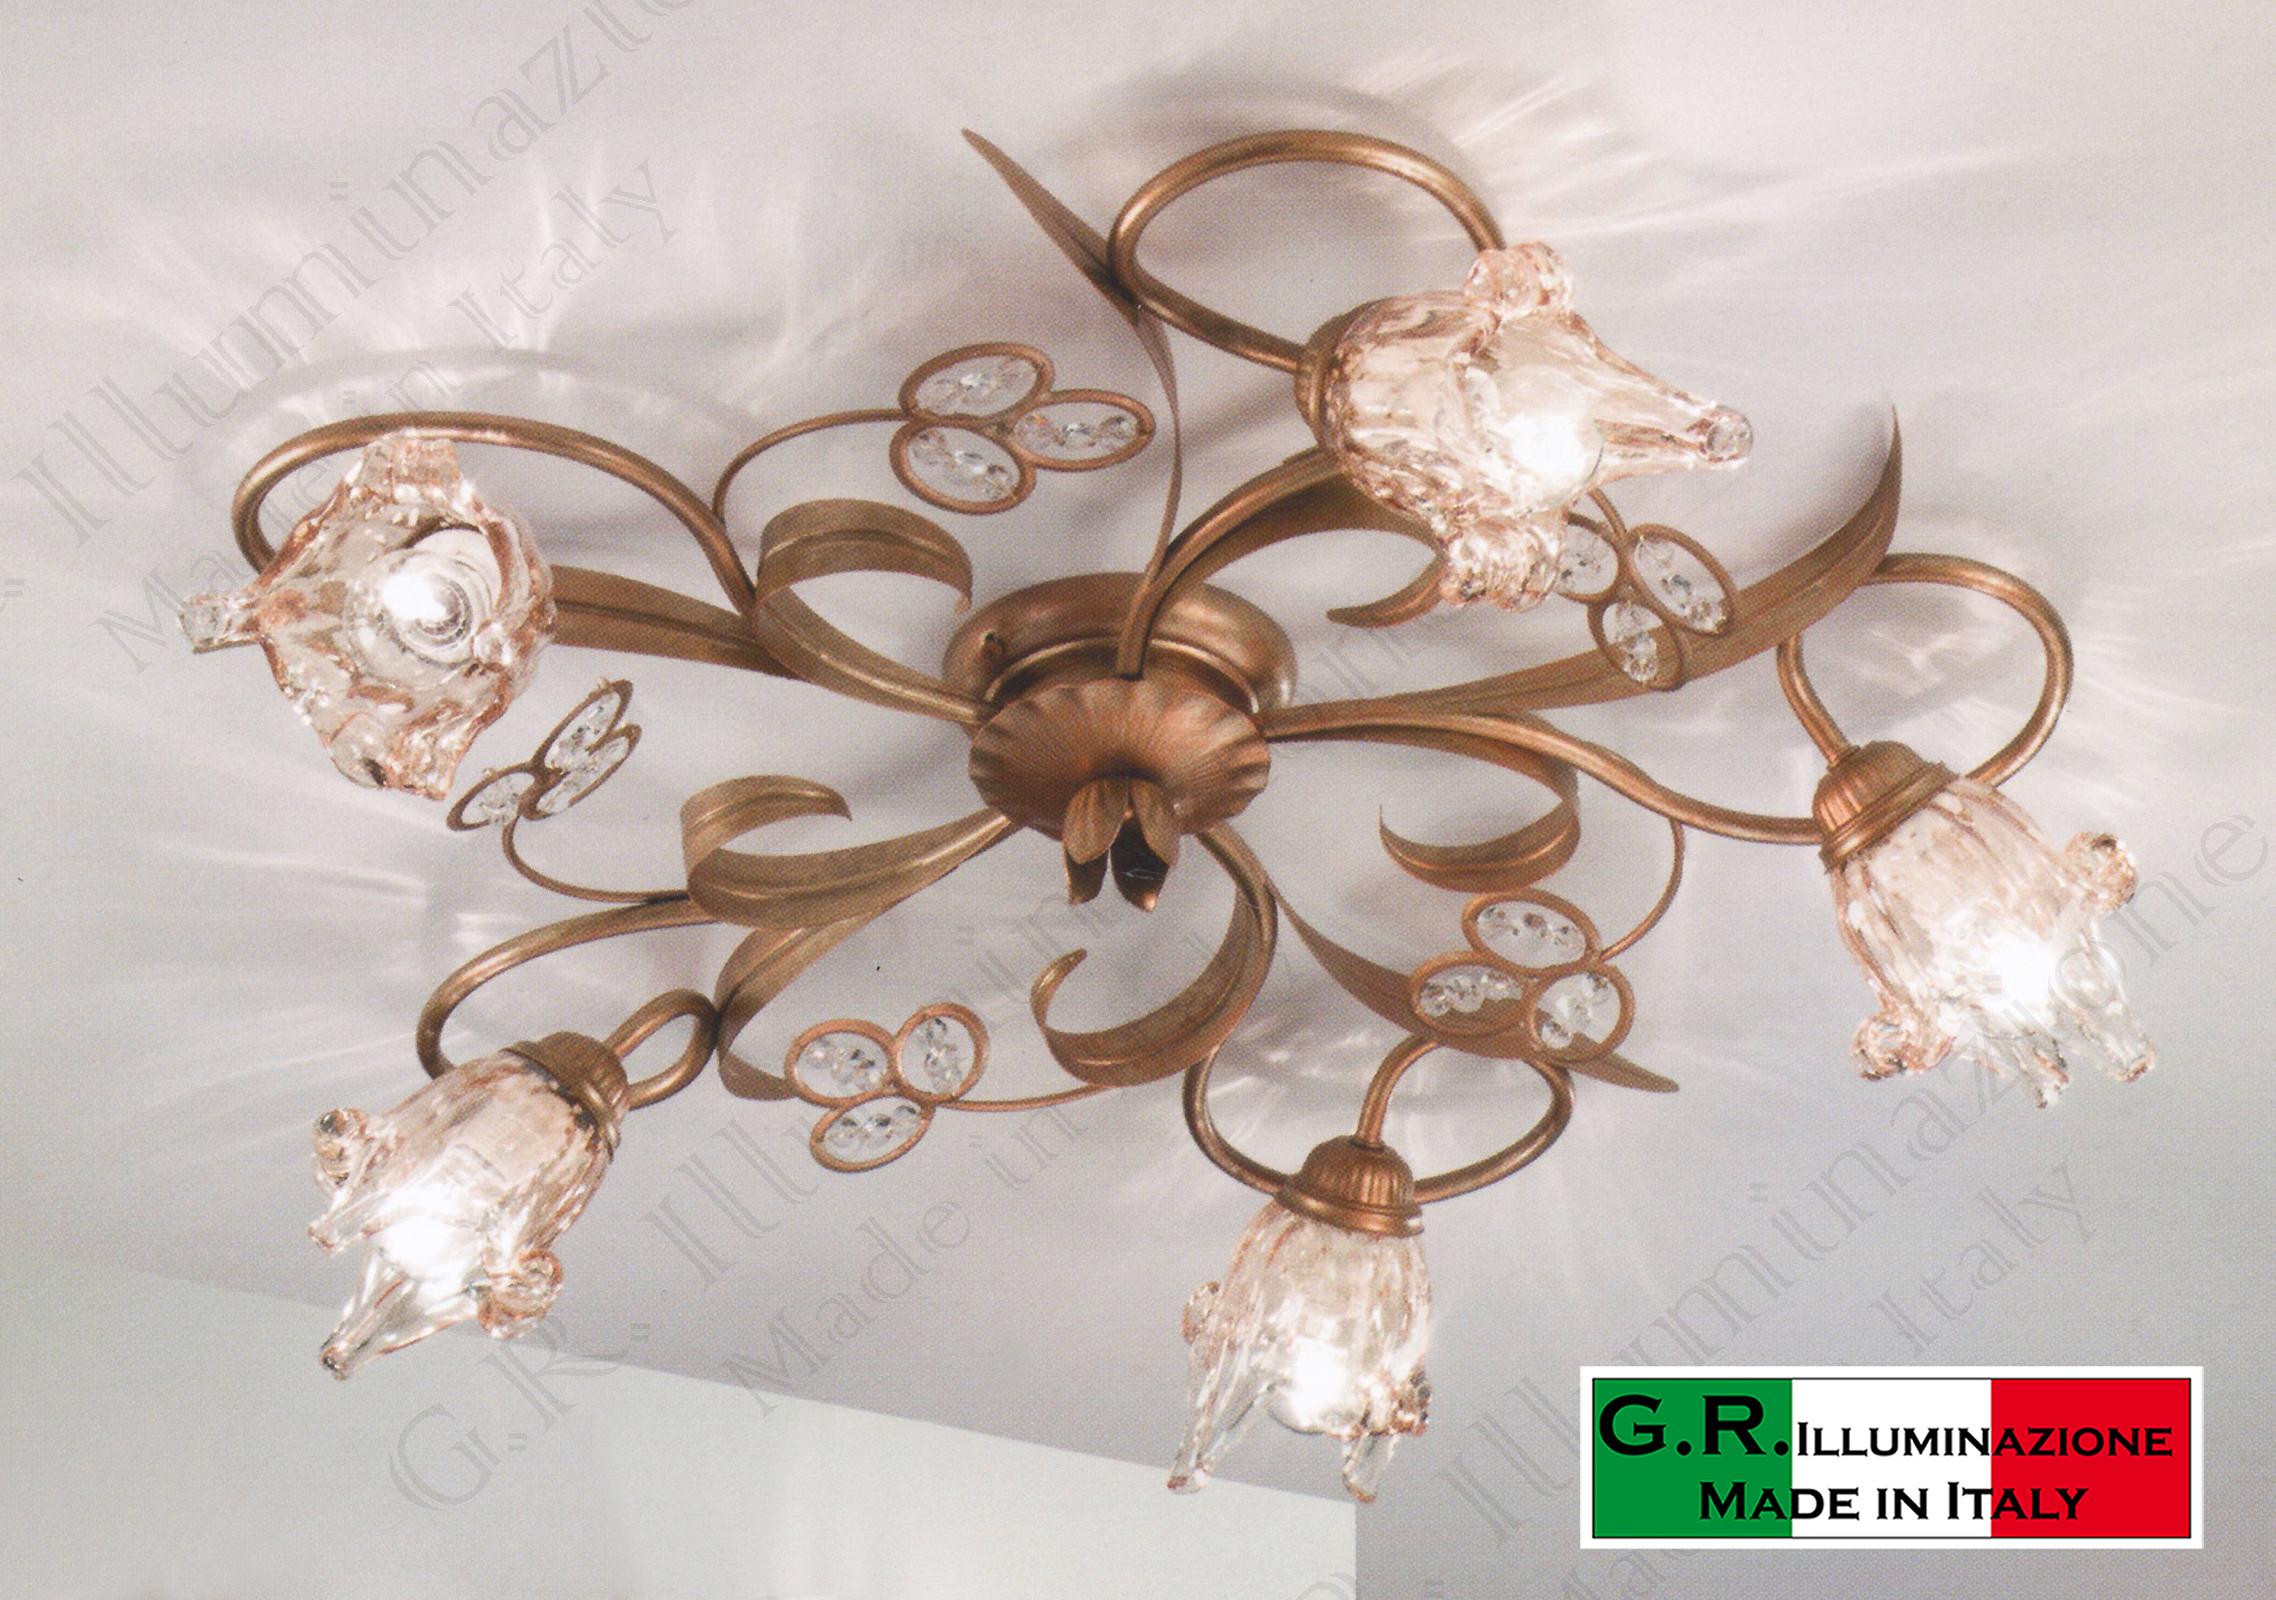 Plafoniera Per Bagno Murano : Acquista octopus plafoniera in vetro bianco di murano lampade